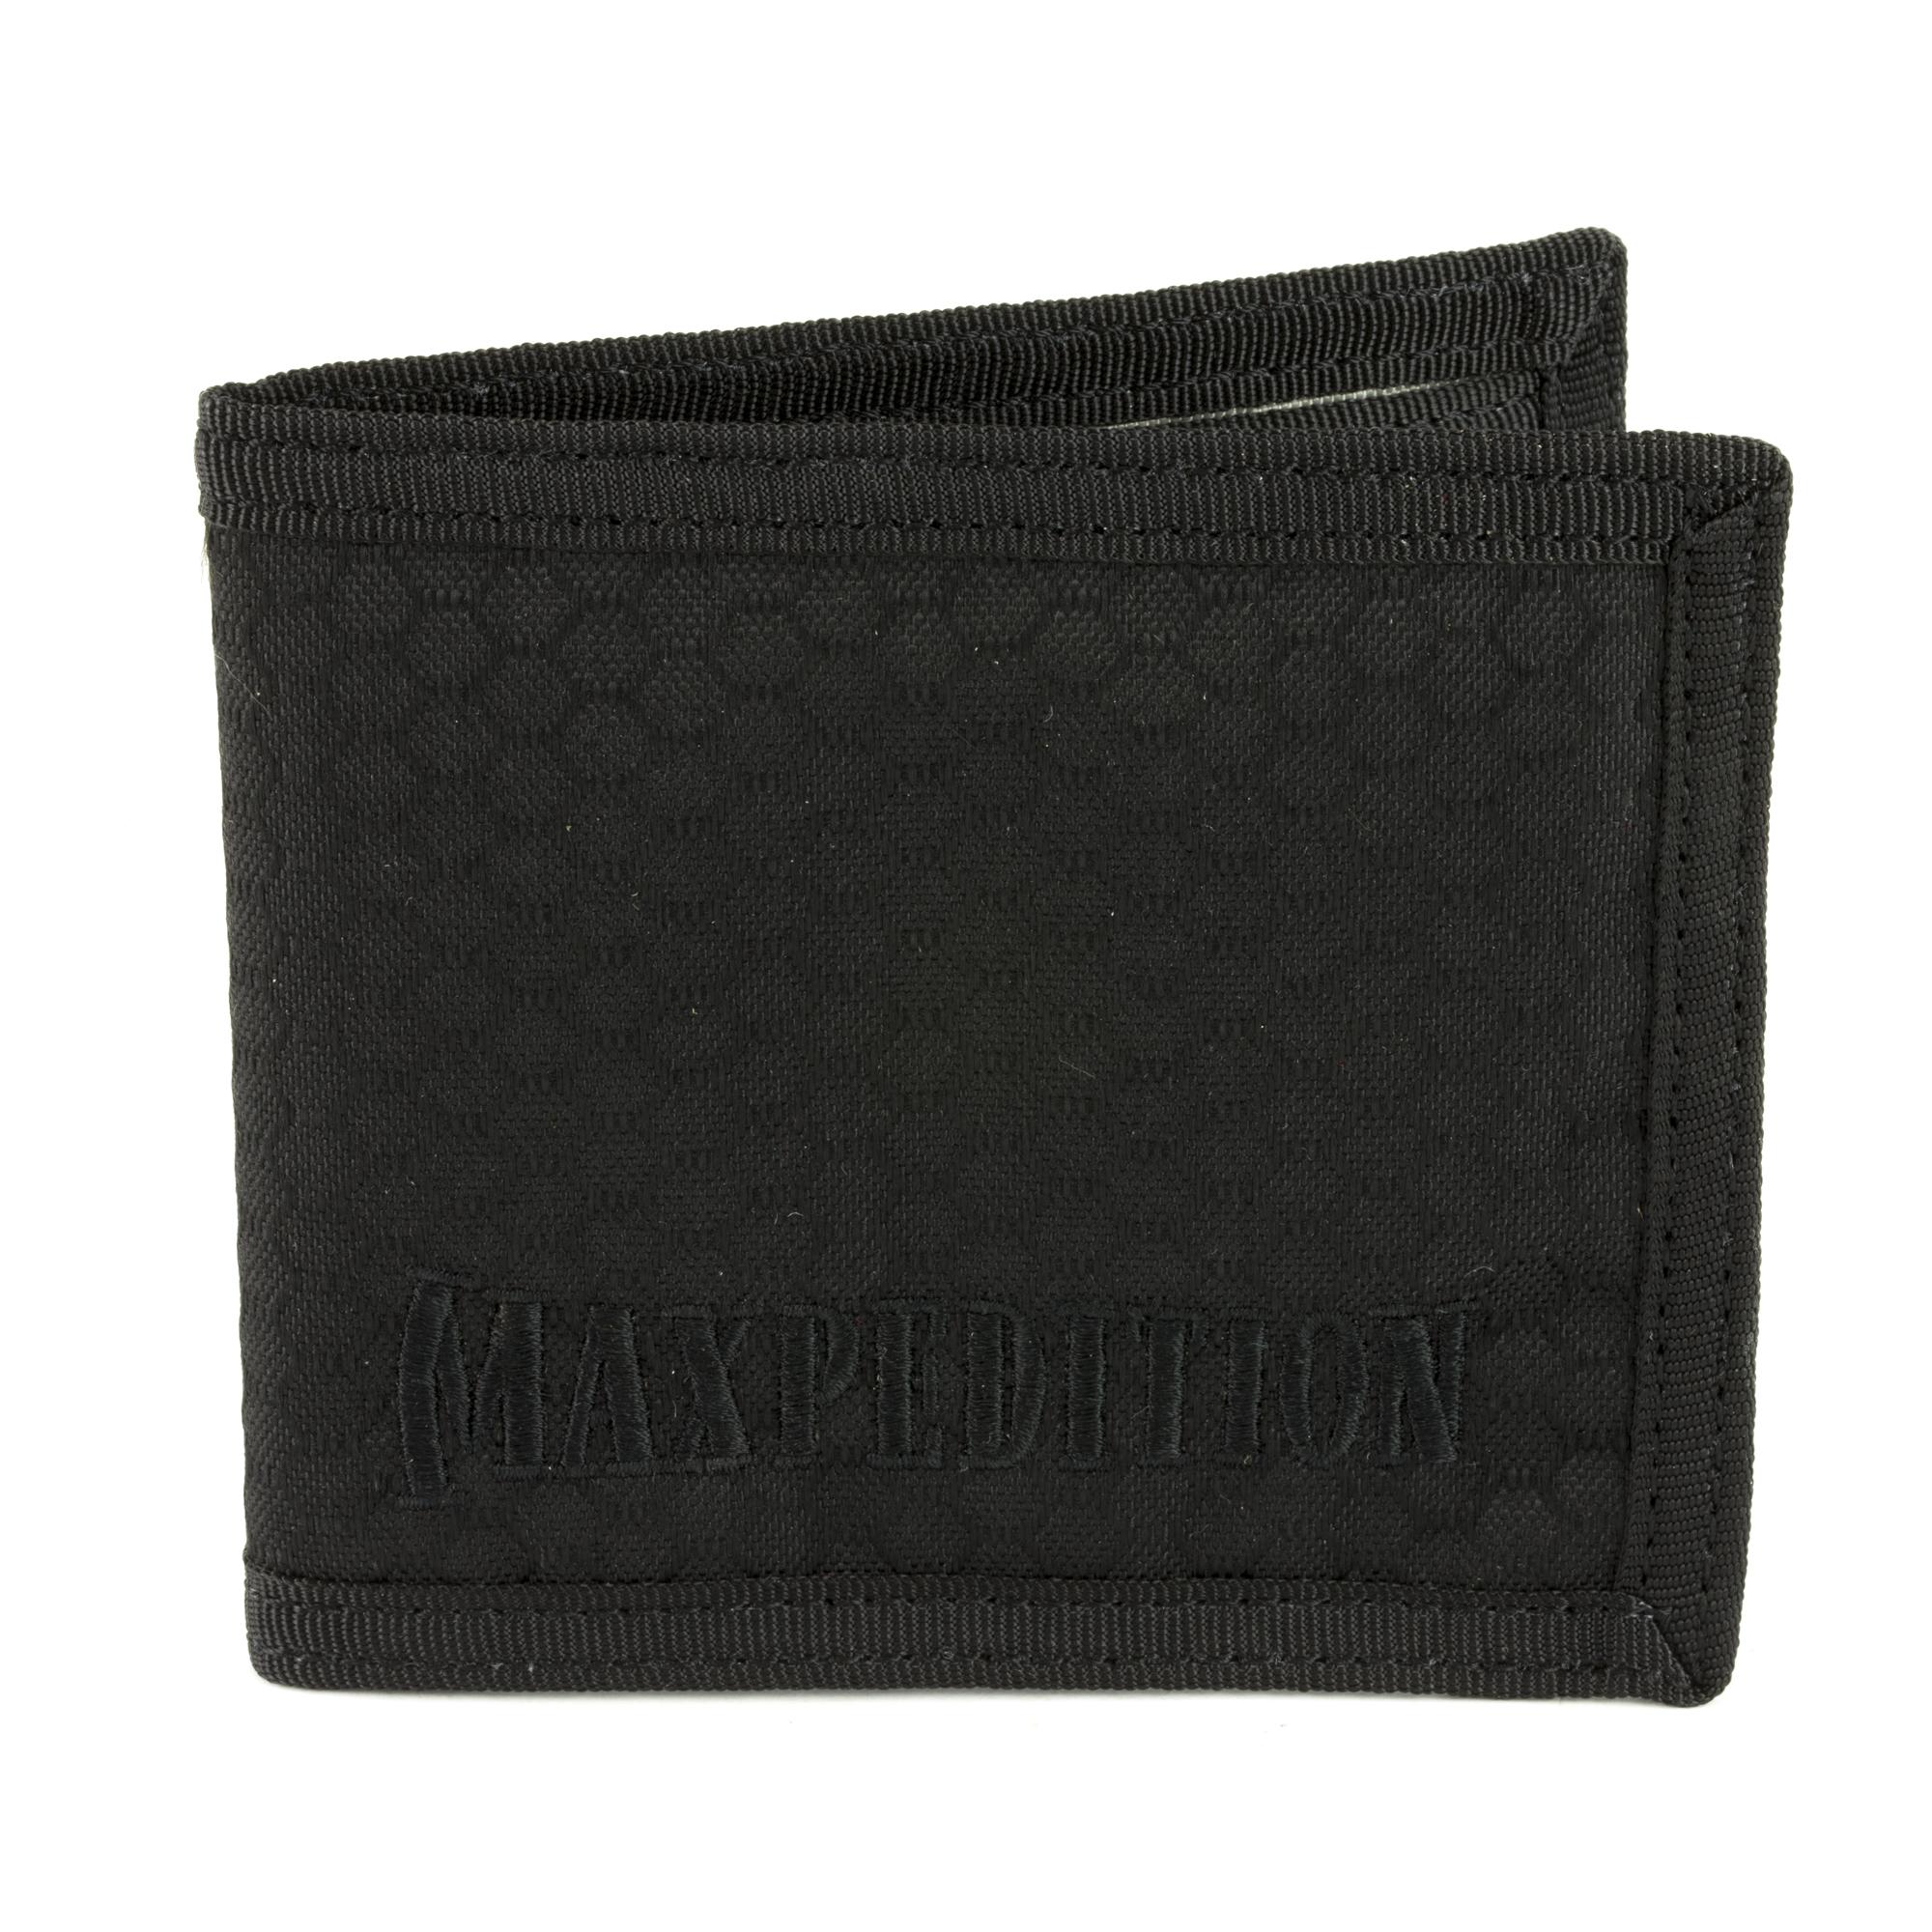 Maxpedition Bfw Bi Fold Wallet Blk